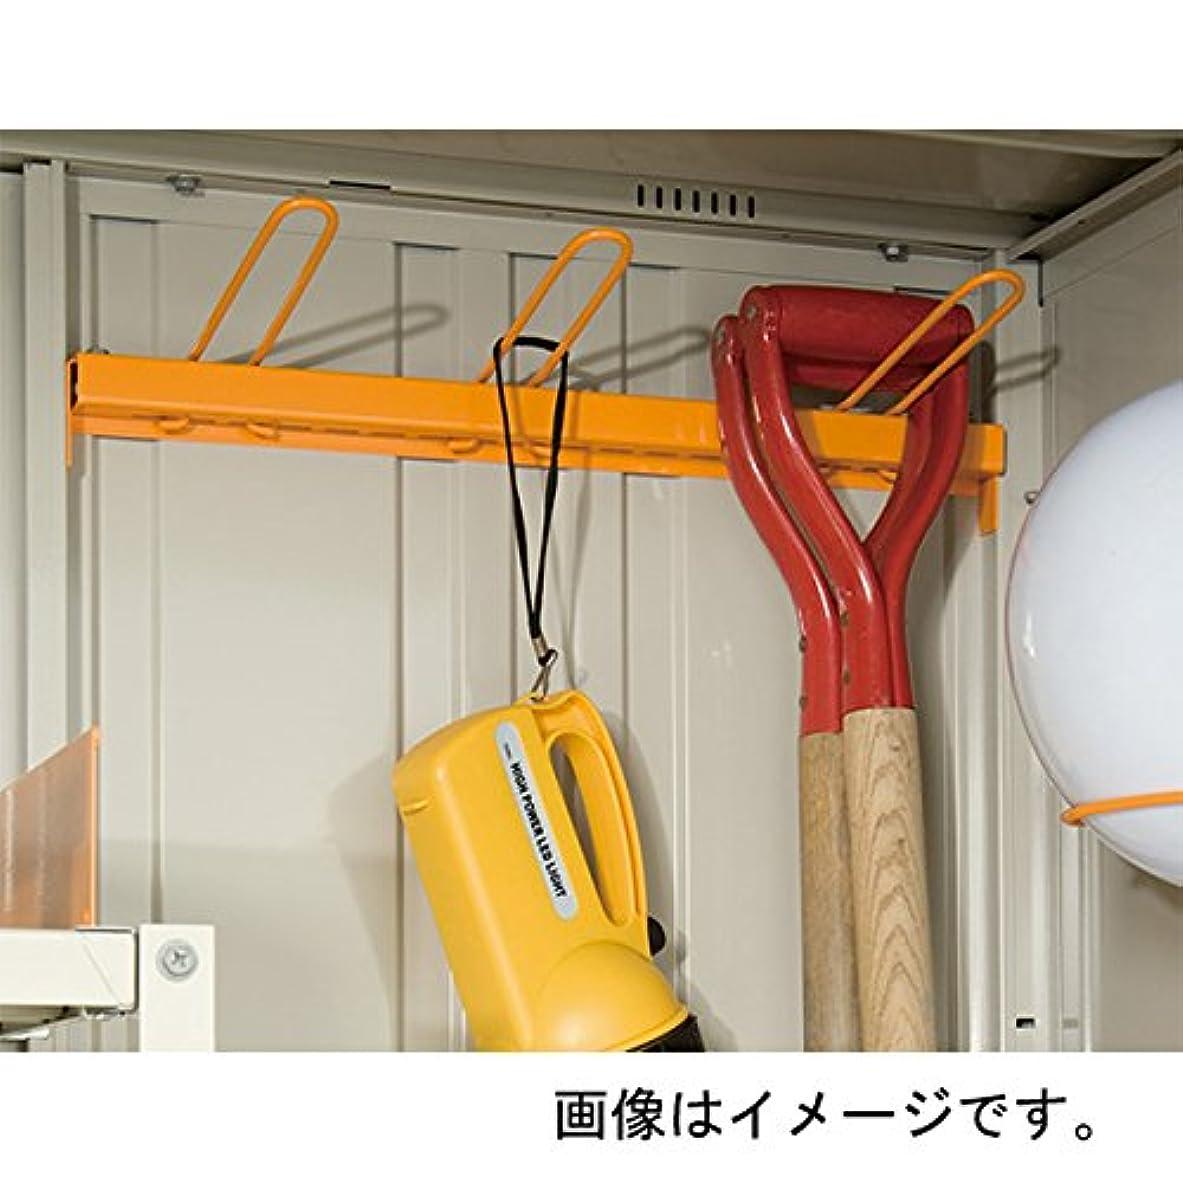 好奇心盛苦難破壊田窪工業所 タクボ物置 オプション 吊下げフック 壁パネル20用 TY-FR20